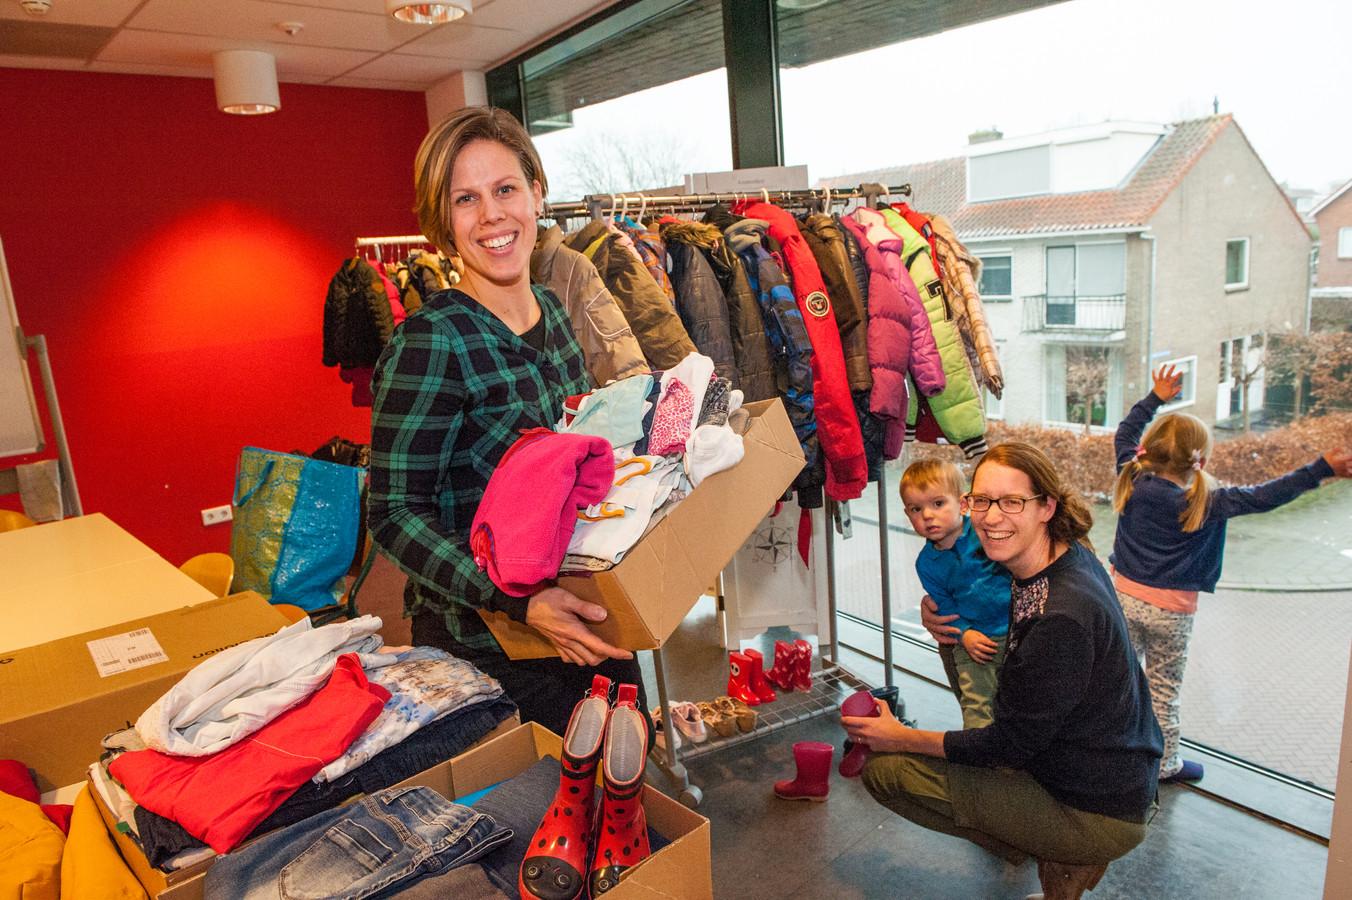 Roos Bonnier en vrijwilligster Roeliene selecteren kledig en schoeisel in het kinderkledingruilpunt Krijgdekleertjes.